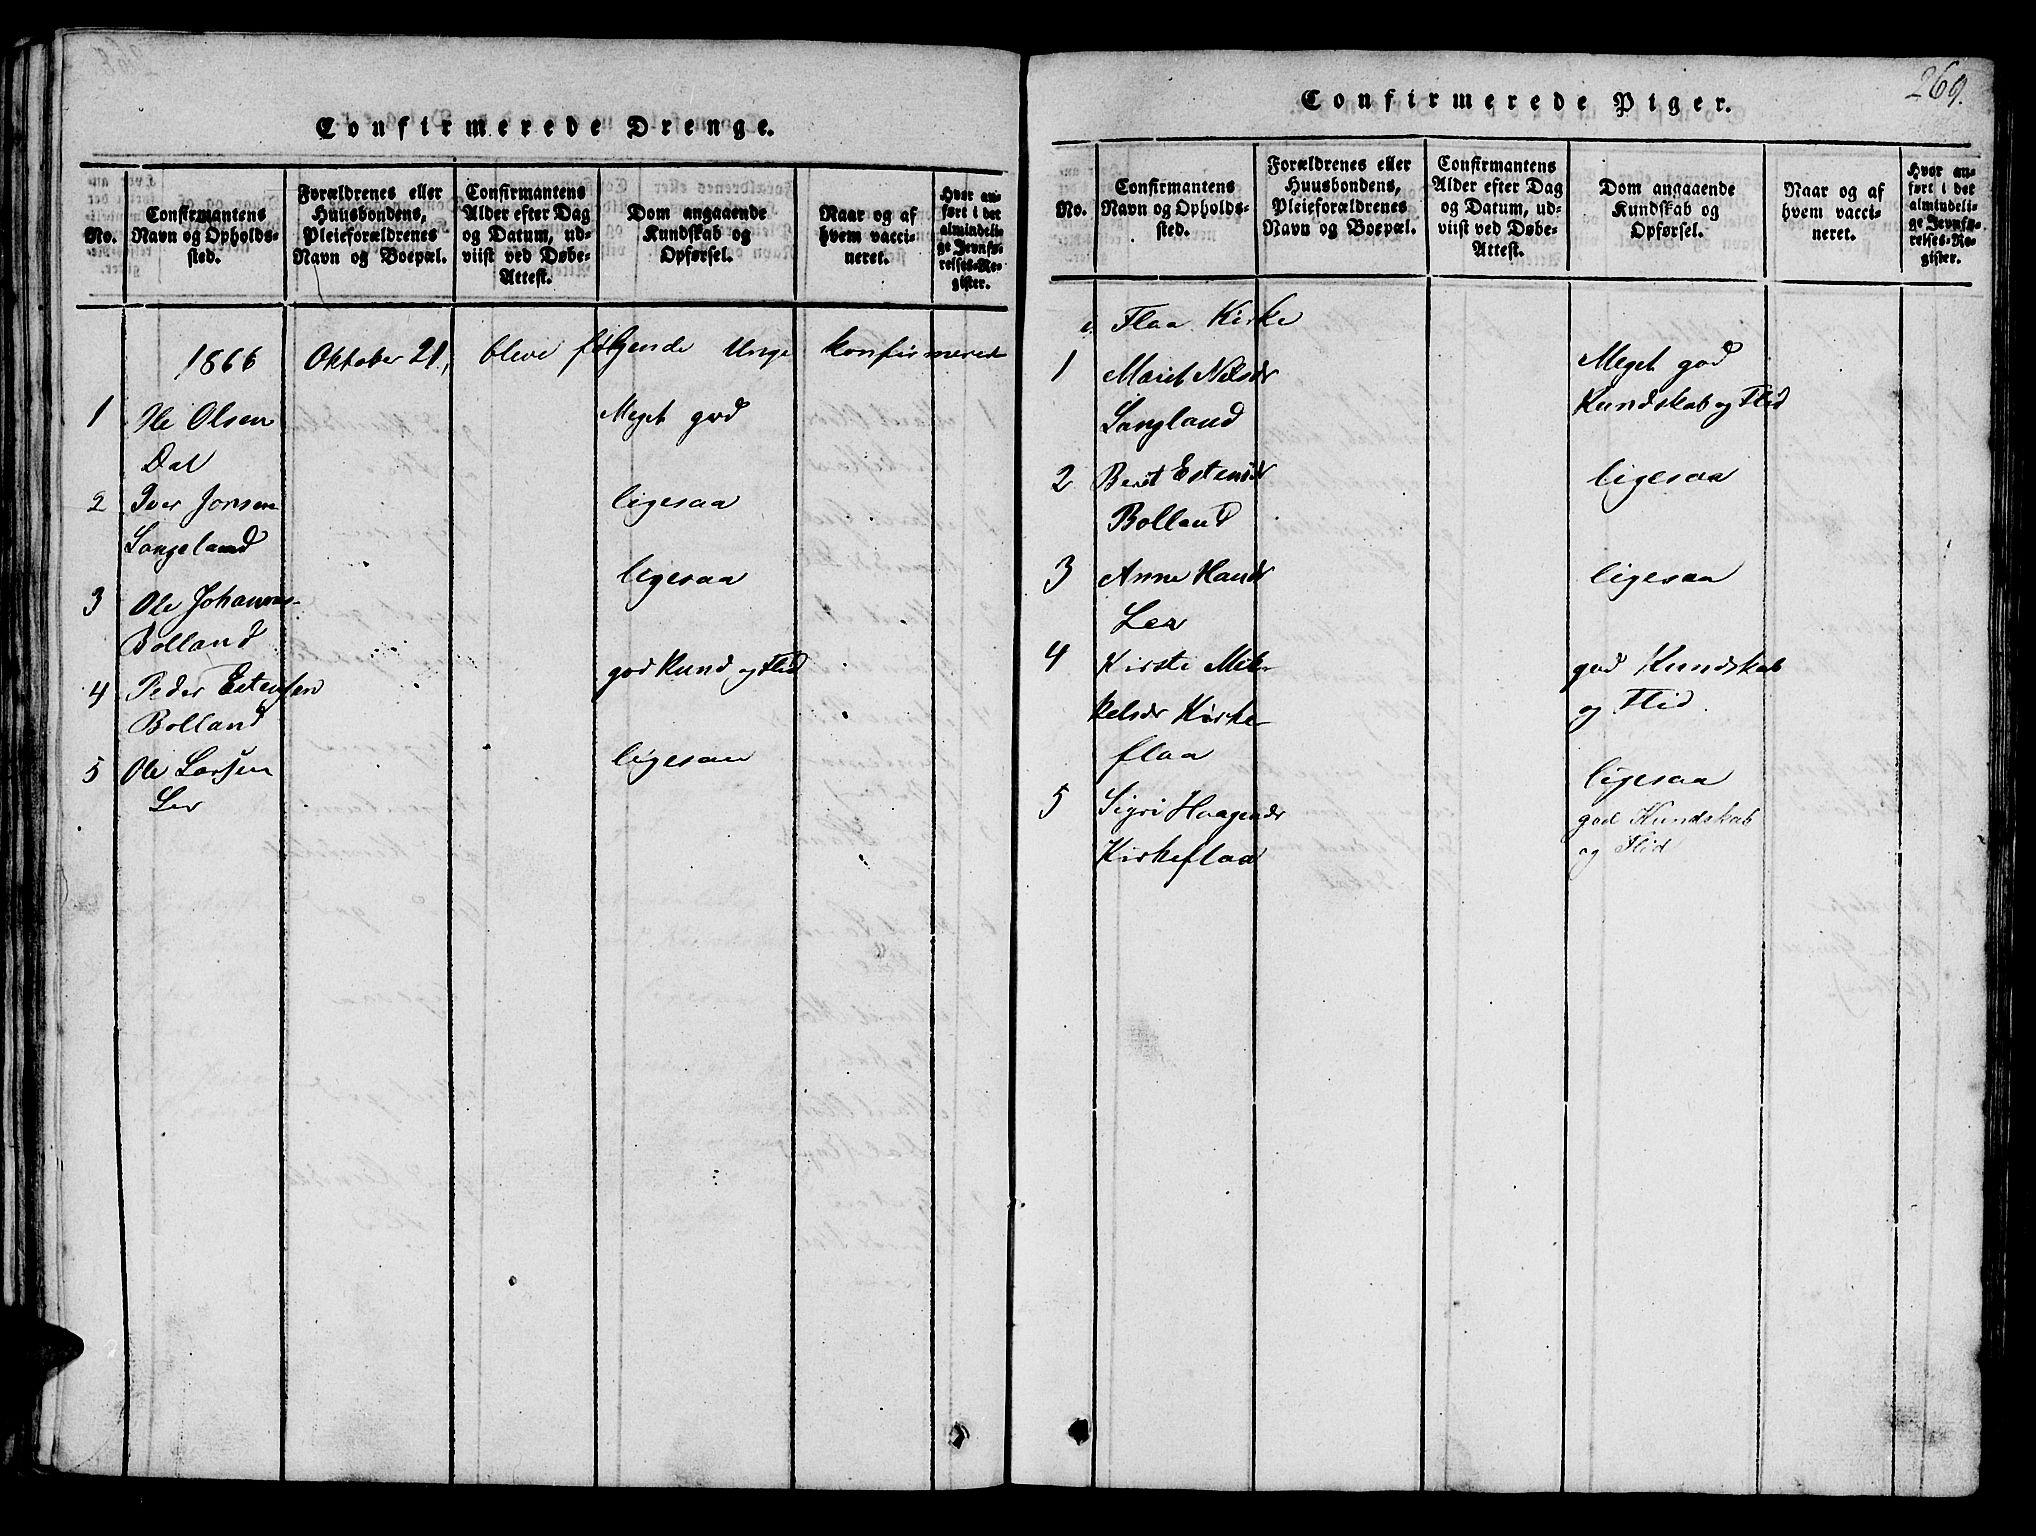 SAT, Ministerialprotokoller, klokkerbøker og fødselsregistre - Sør-Trøndelag, 693/L1121: Klokkerbok nr. 693C02, 1816-1869, s. 269